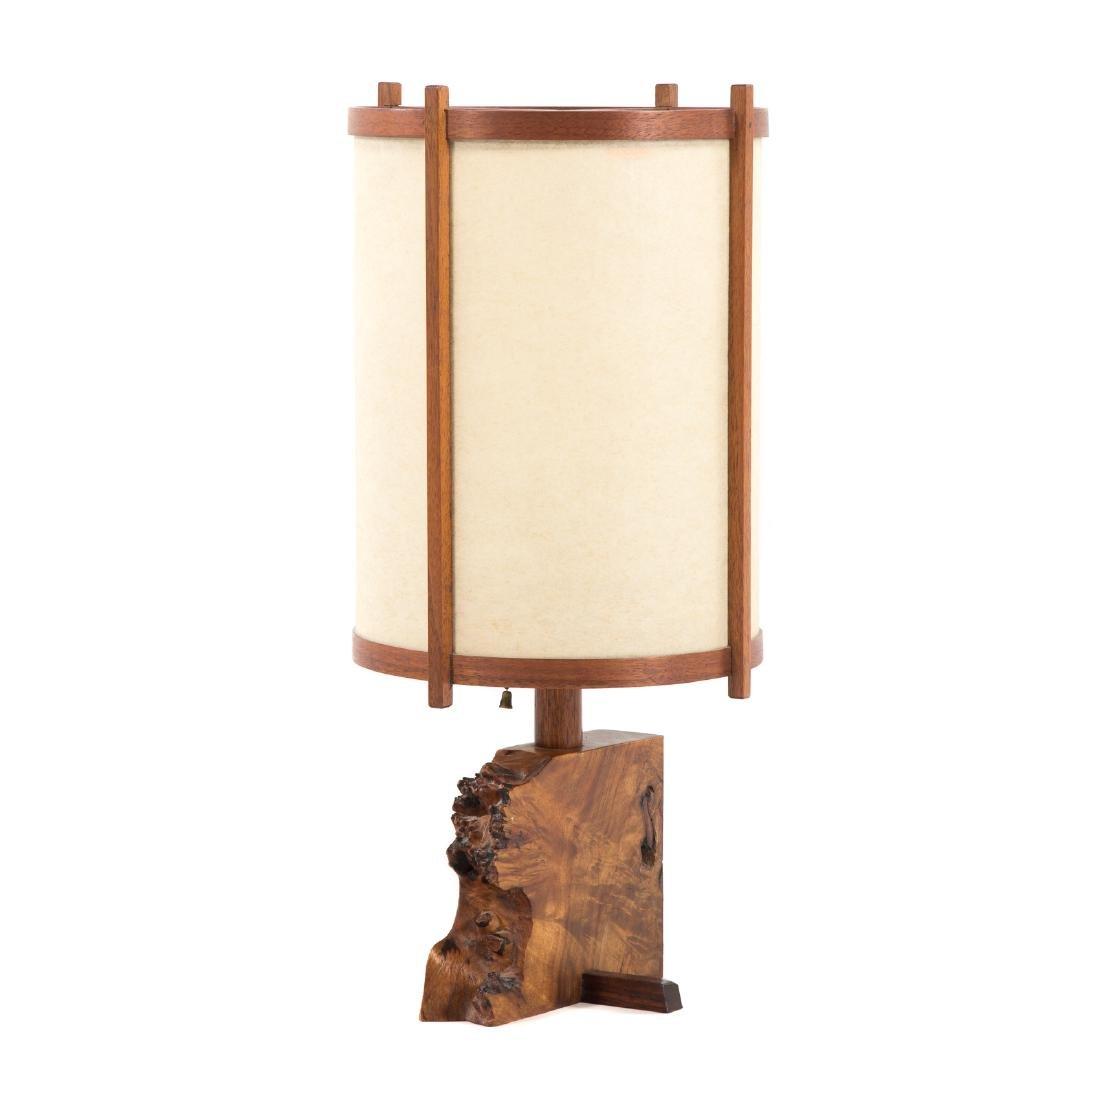 George Nakashima Desk Lamp - 2